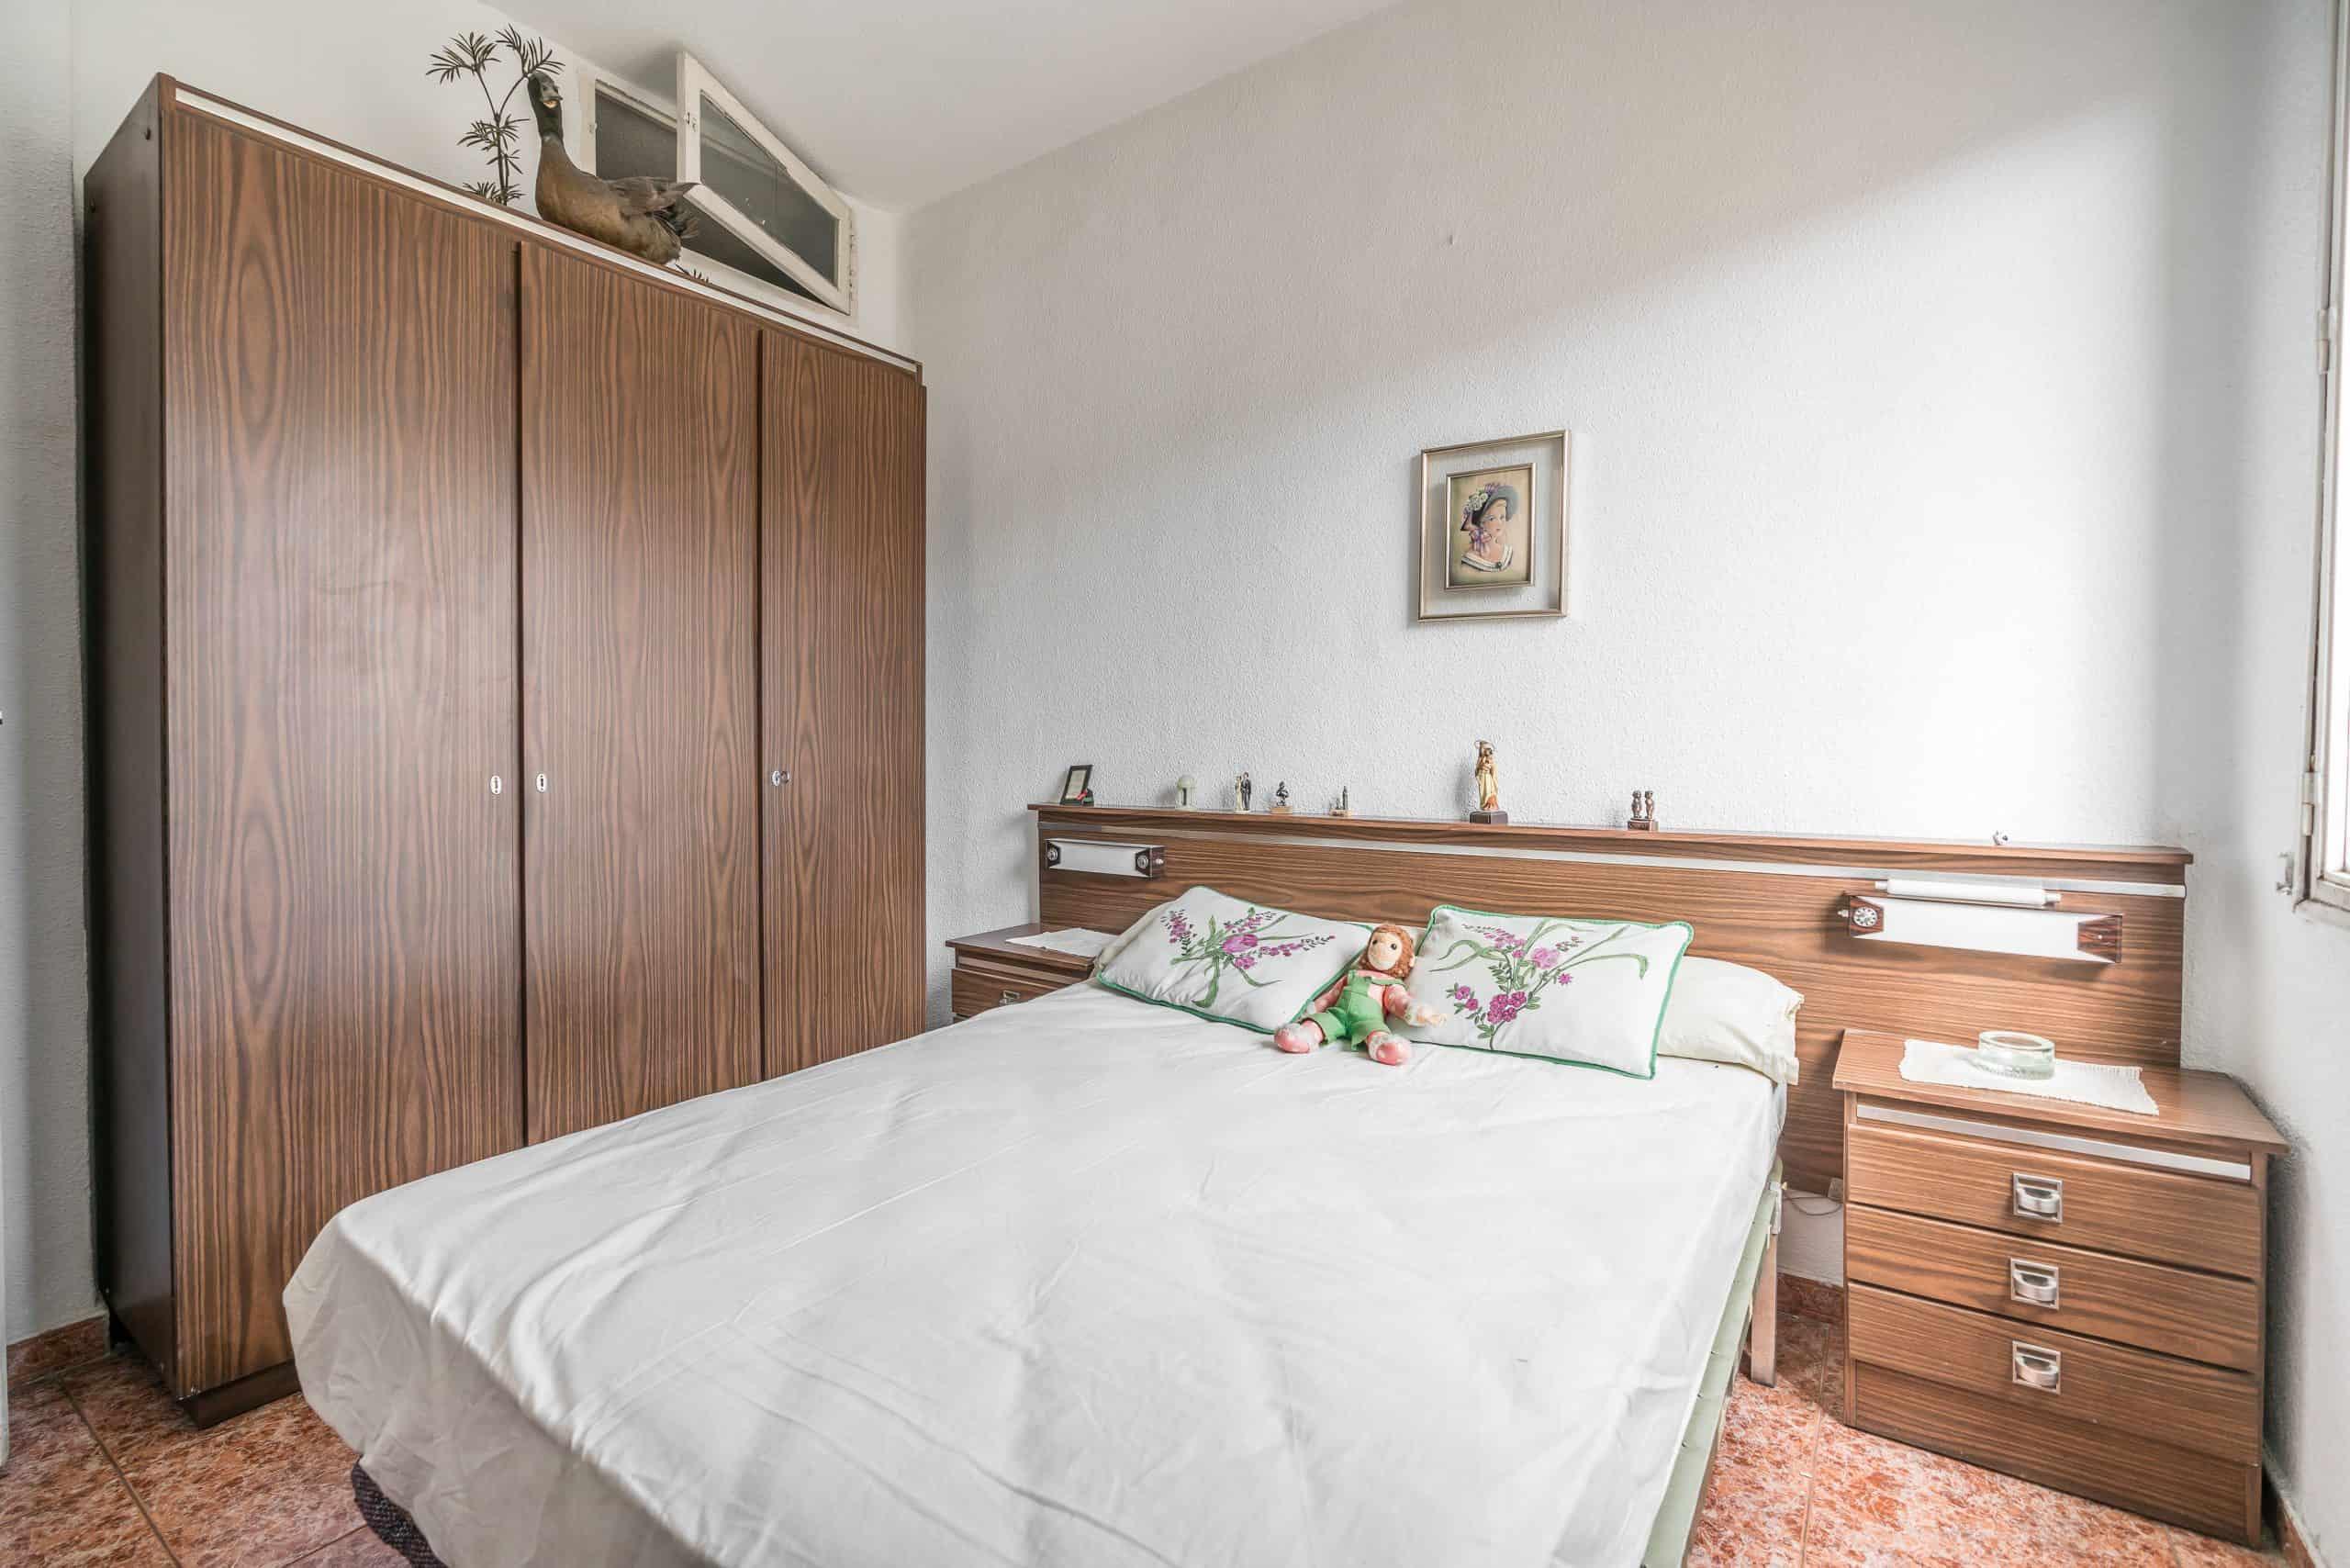 Agencia Inmobiliaria de Madrid-FUTUROCASA-Zona ARGANZUELA-EMBAJADORES-LEGAZPI -calle DOMINGO PEREZ DEL VAL -2 DORMITORIO1 (6)